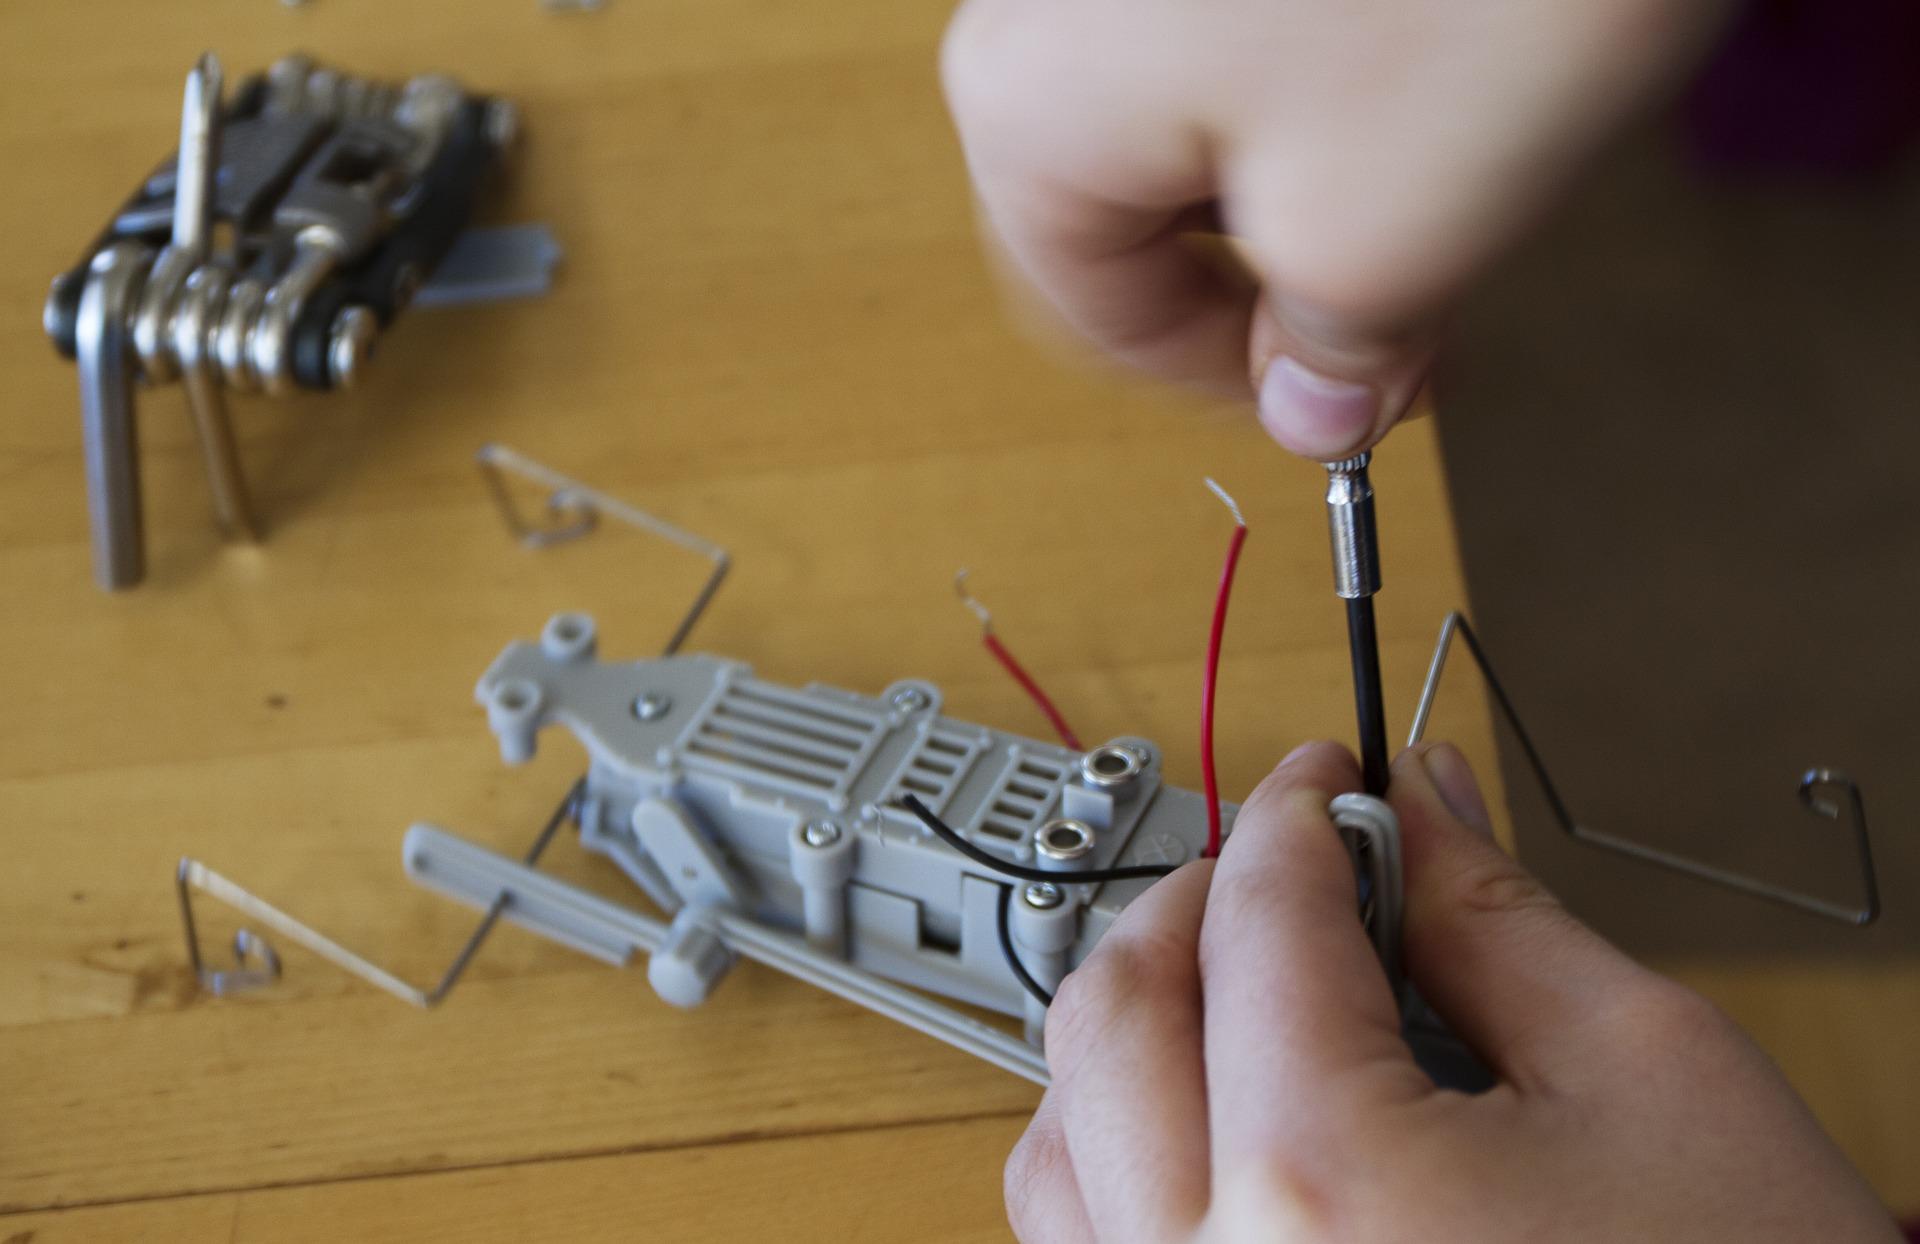 Atelier robotique pour enfants